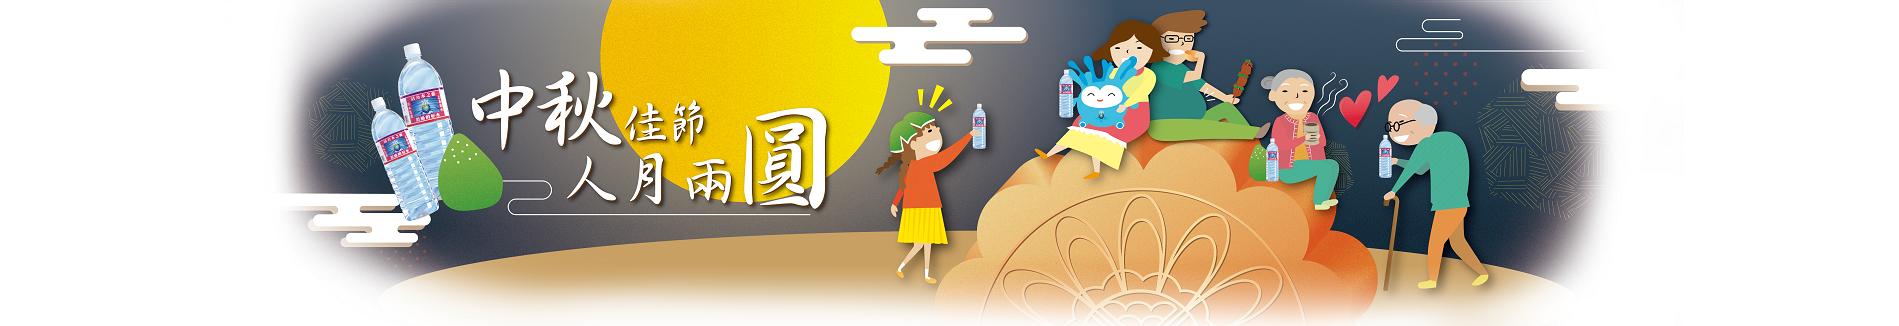 2019中秋節-官網滑塊圖